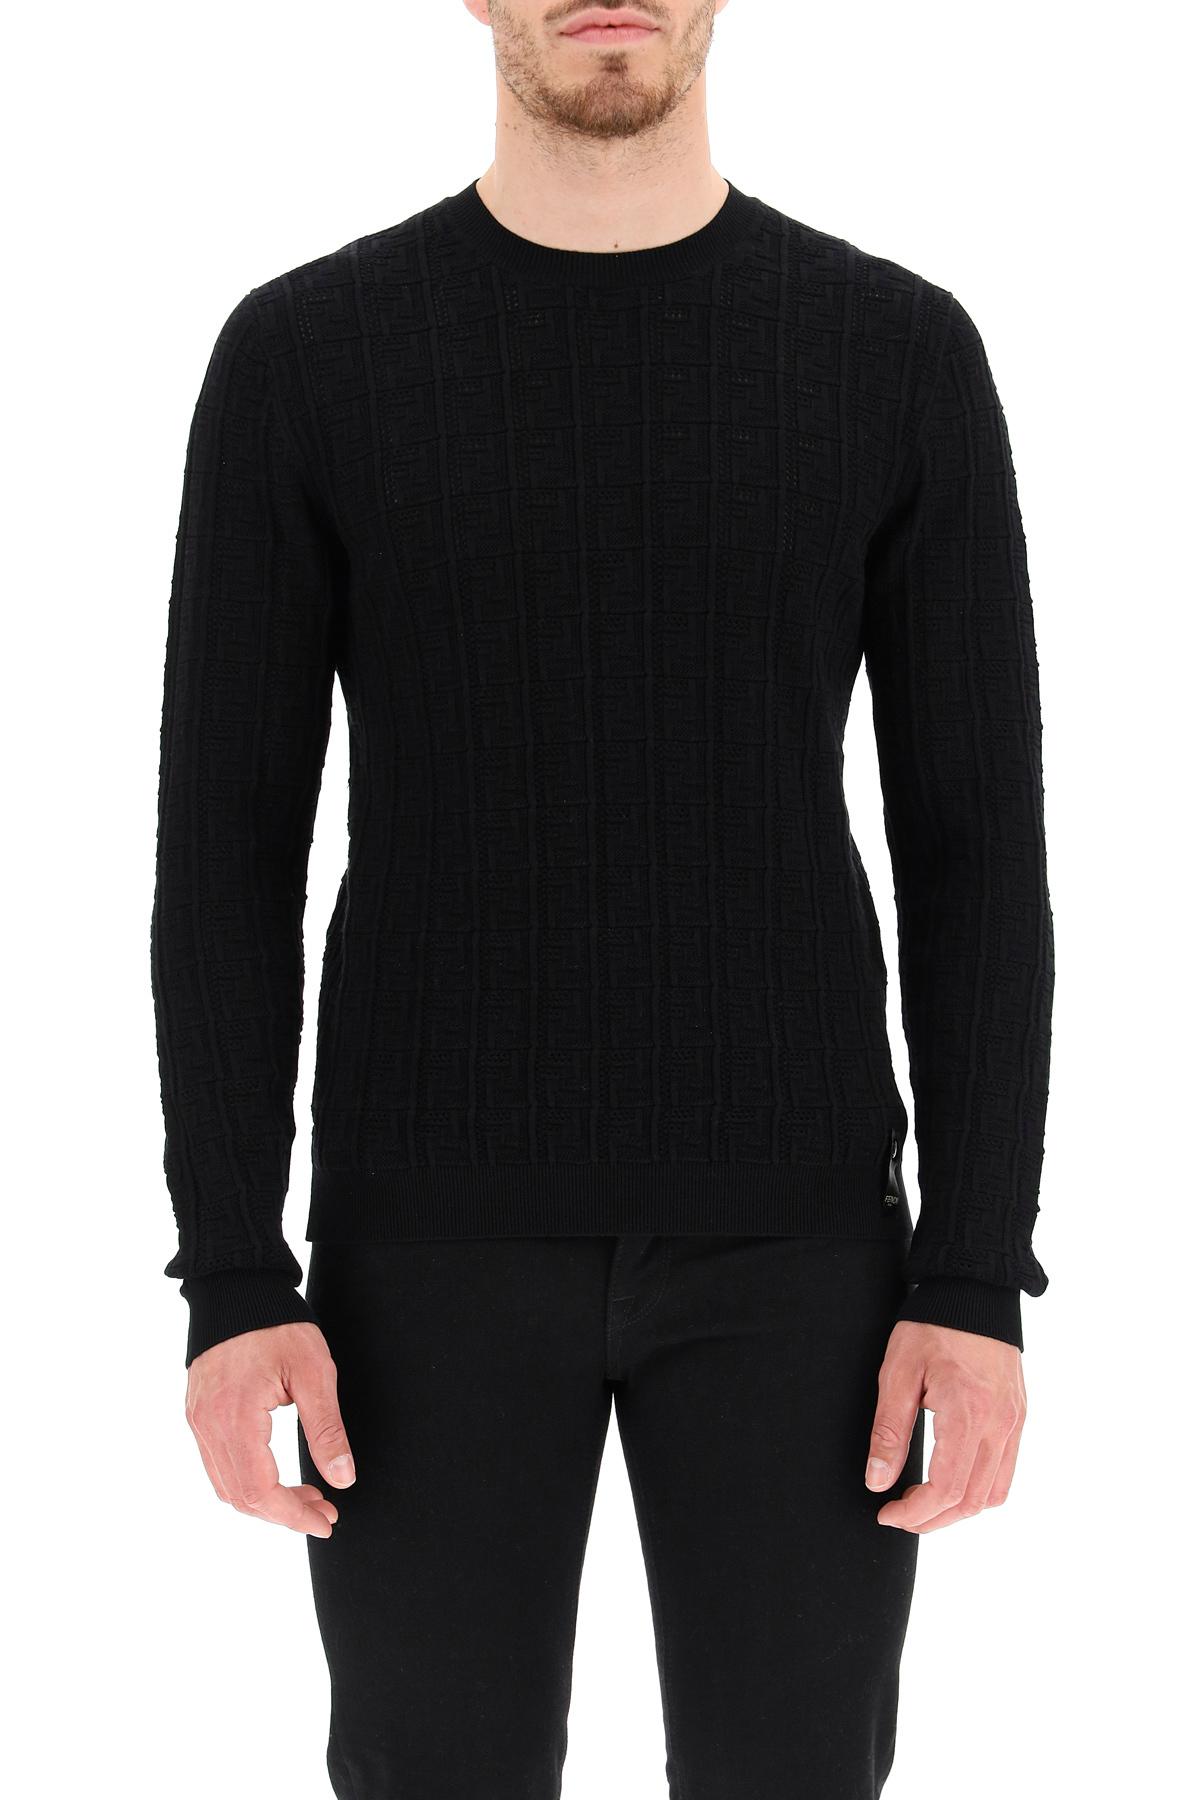 Fendi pullover ricamo ff all-over